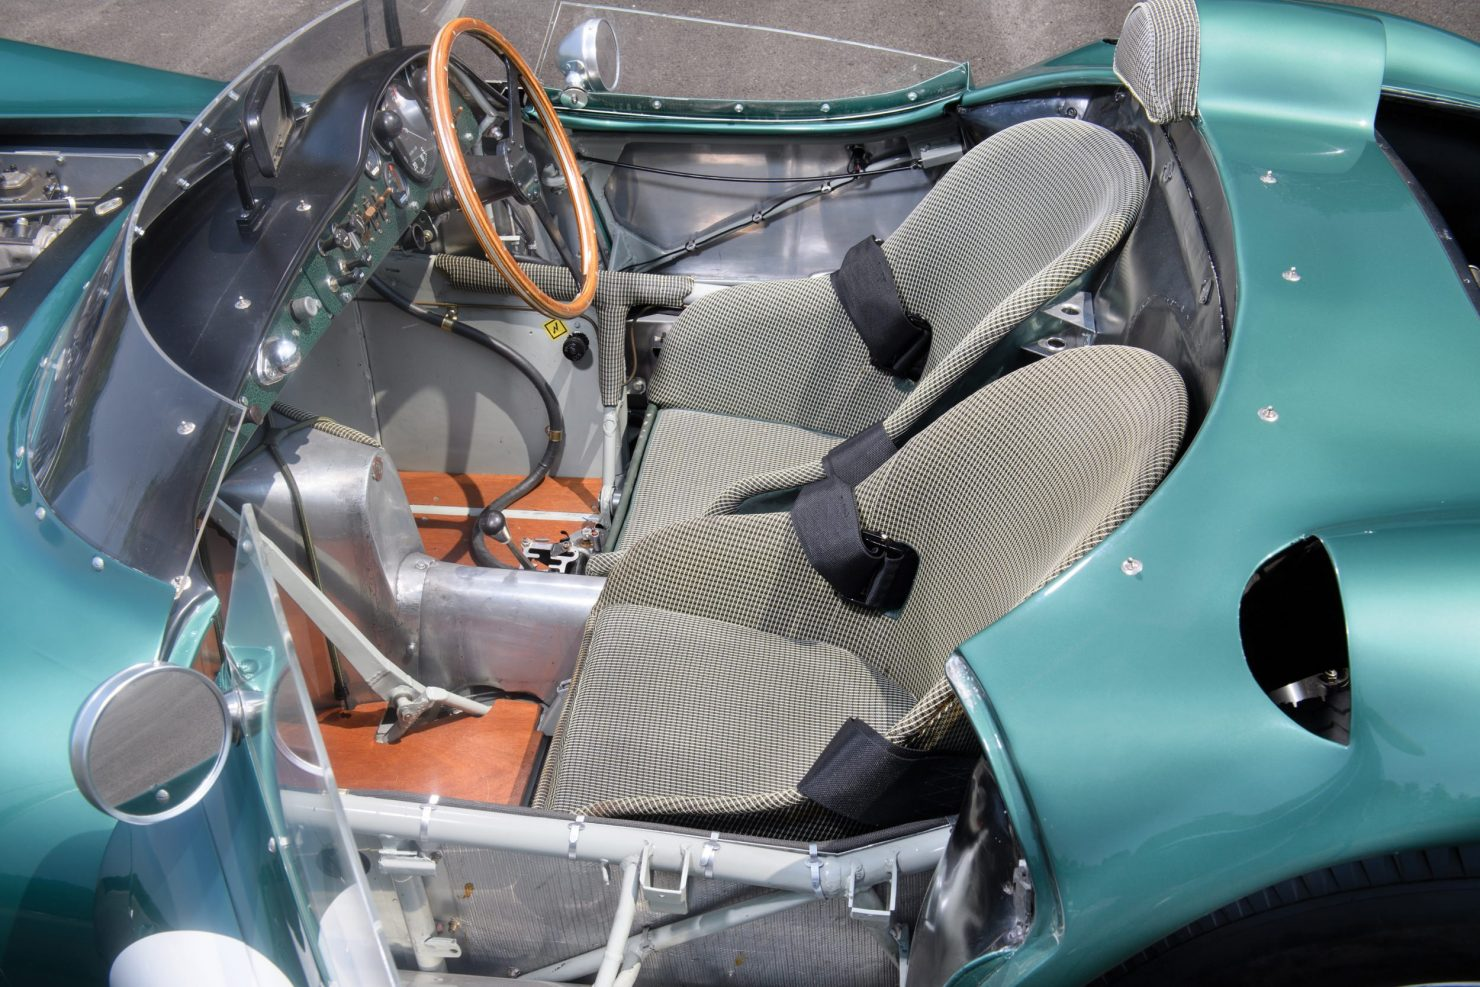 aston martin dbr1 4 1480x987 - 1956 Aston Martin DBR1